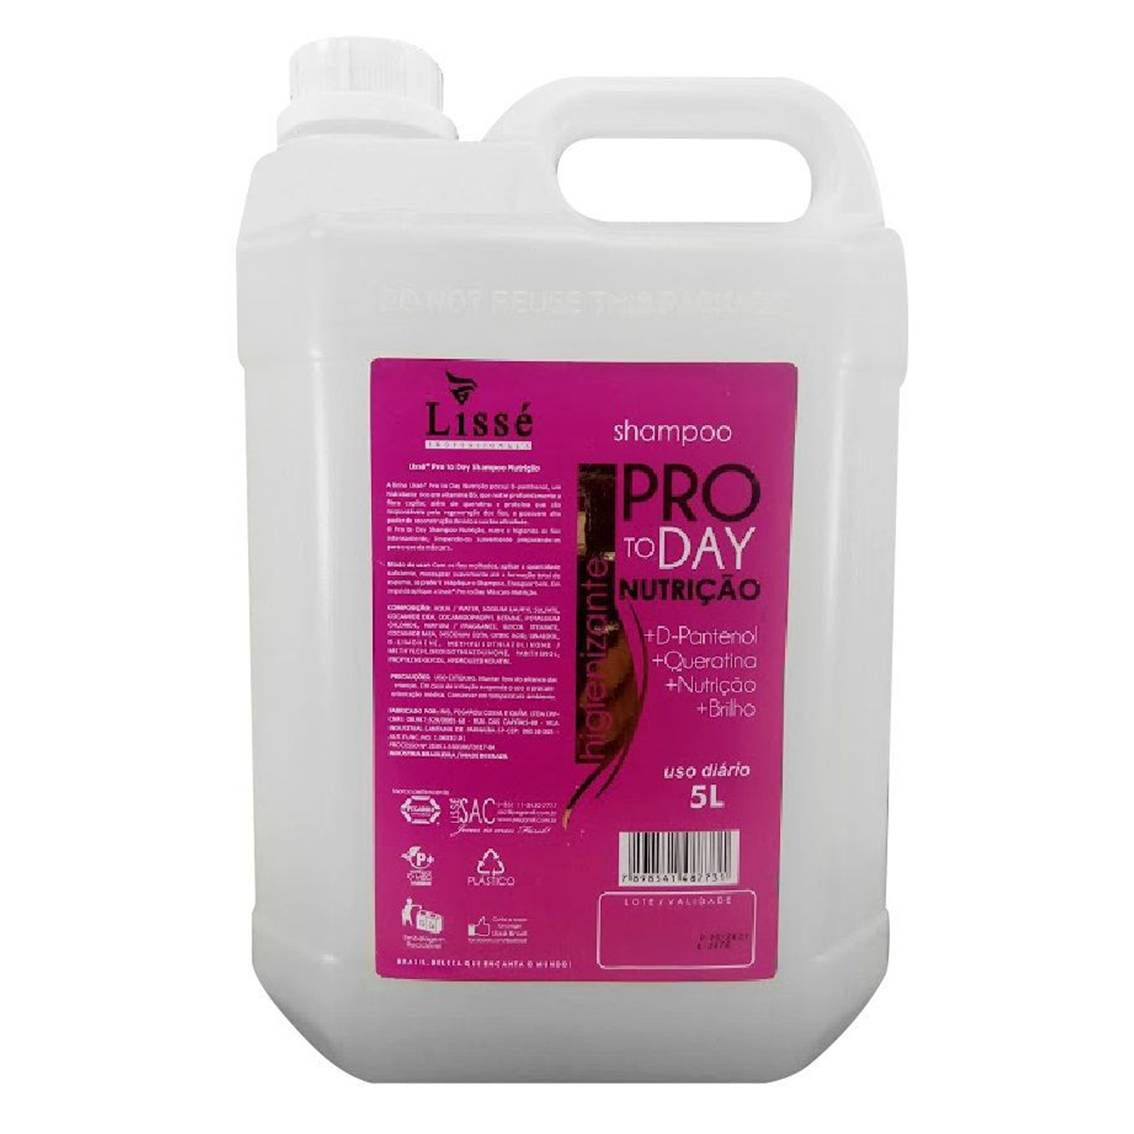 Shampoo de Galão Nutrição Instantânea Pro To Day - 5 litros